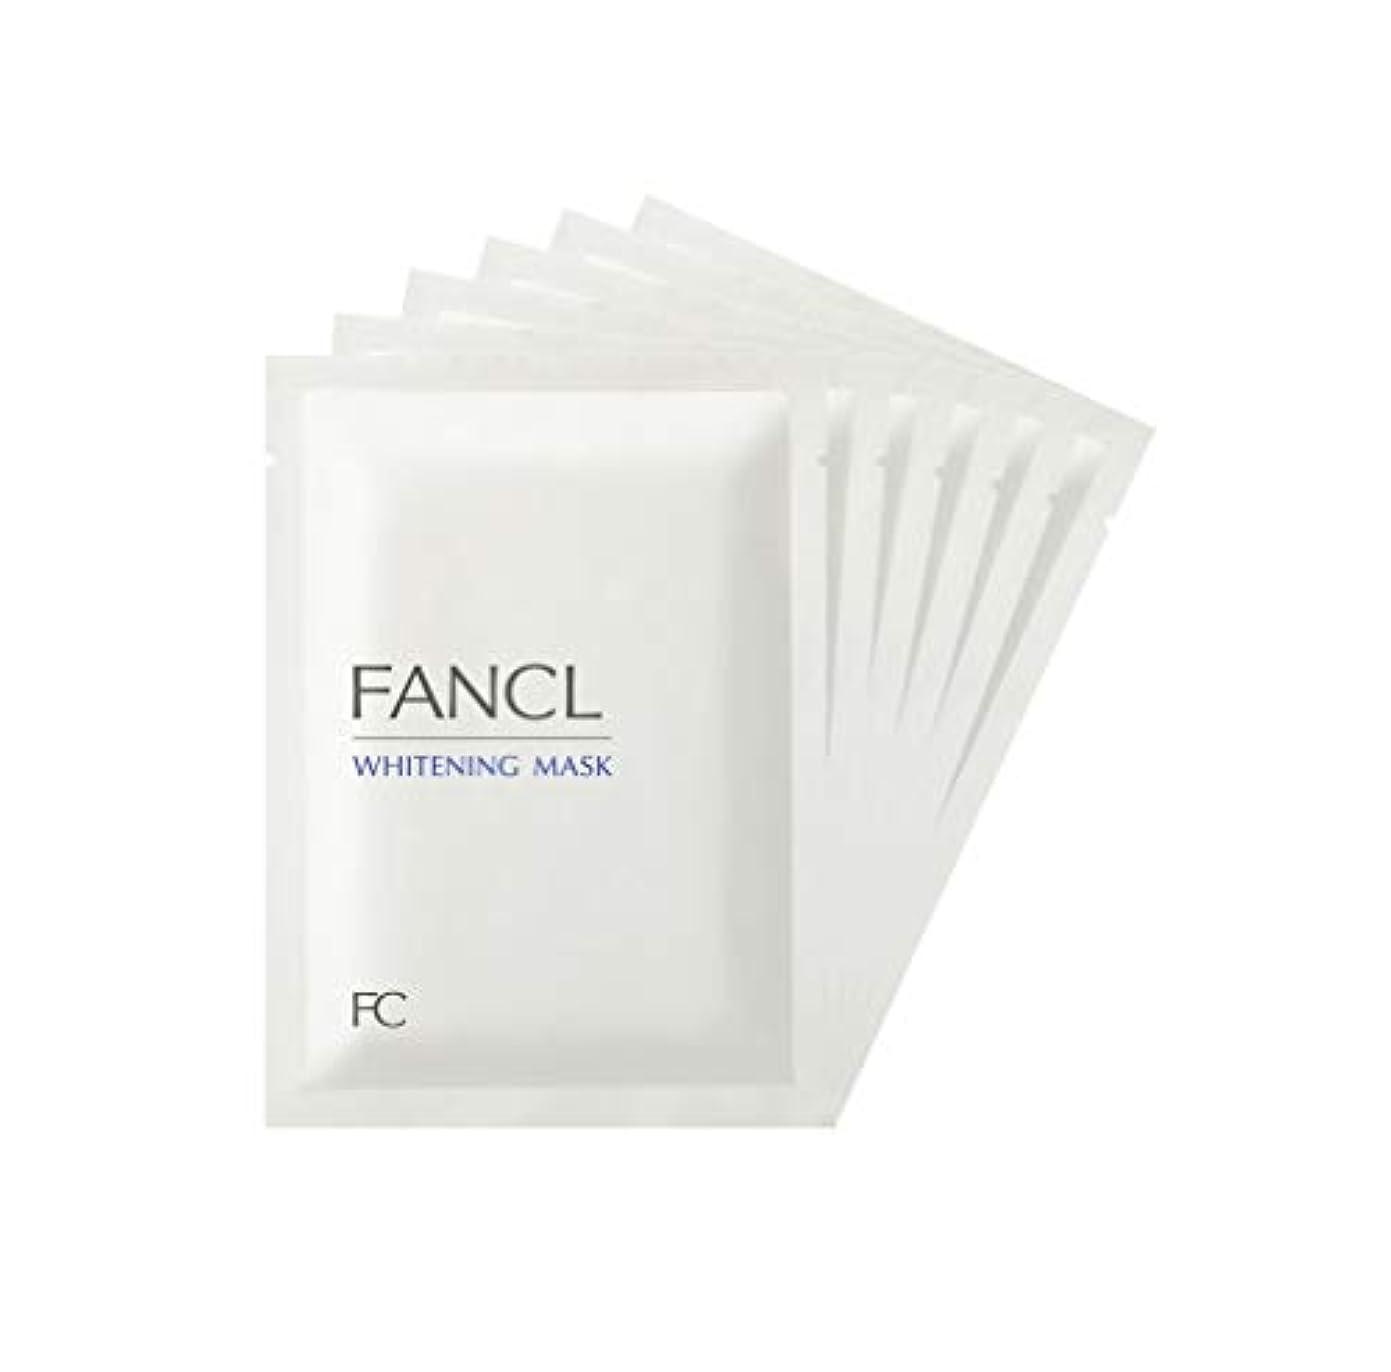 確保する賢いスペアファンケル (FANCL) 新 ホワイトニング マスク 6枚セット (21mL×6) 【医薬部外品】